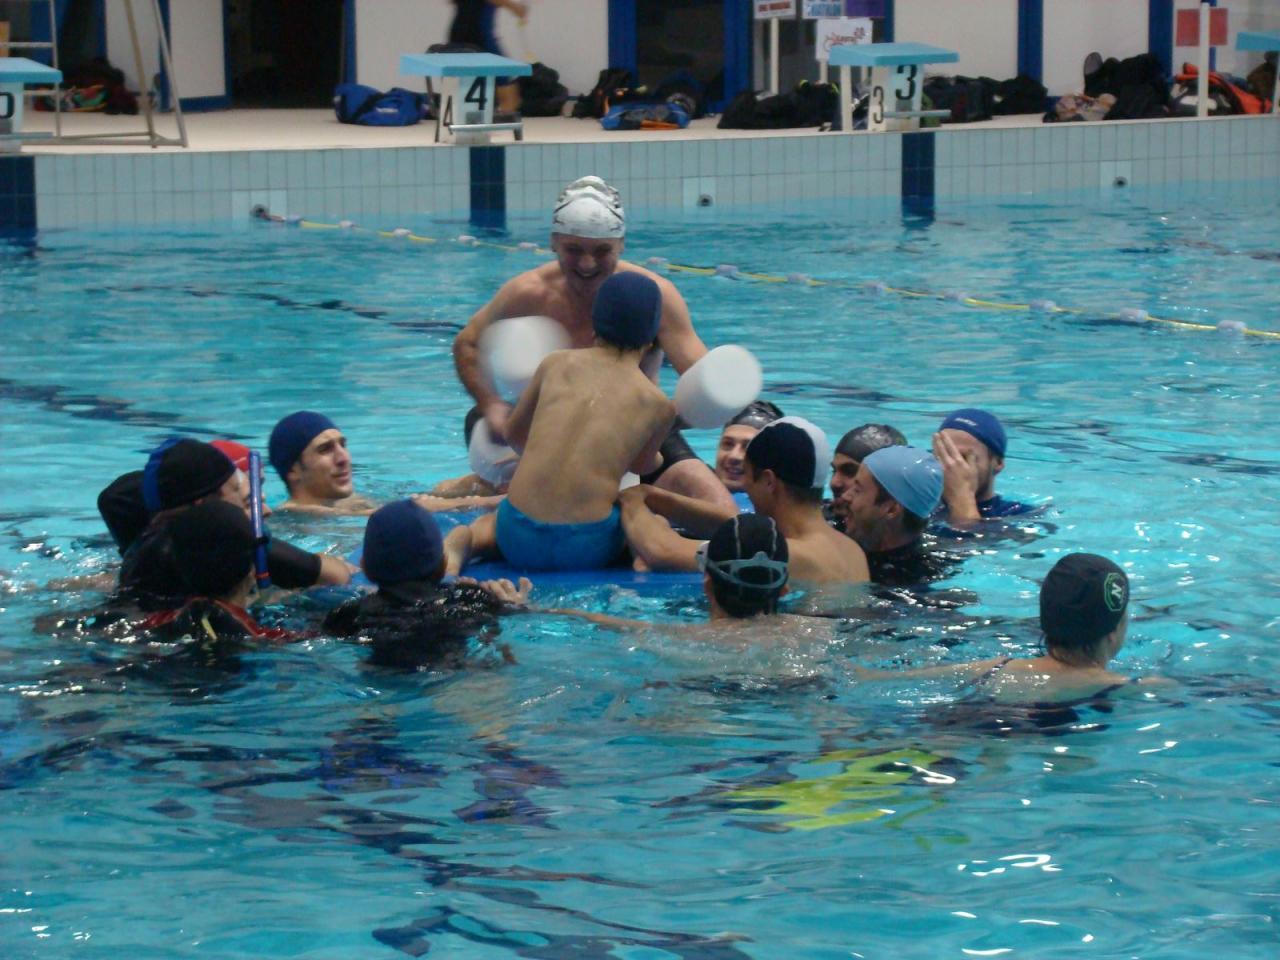 SABBE plongée Agen Aquasud - Sabbéiades 2014